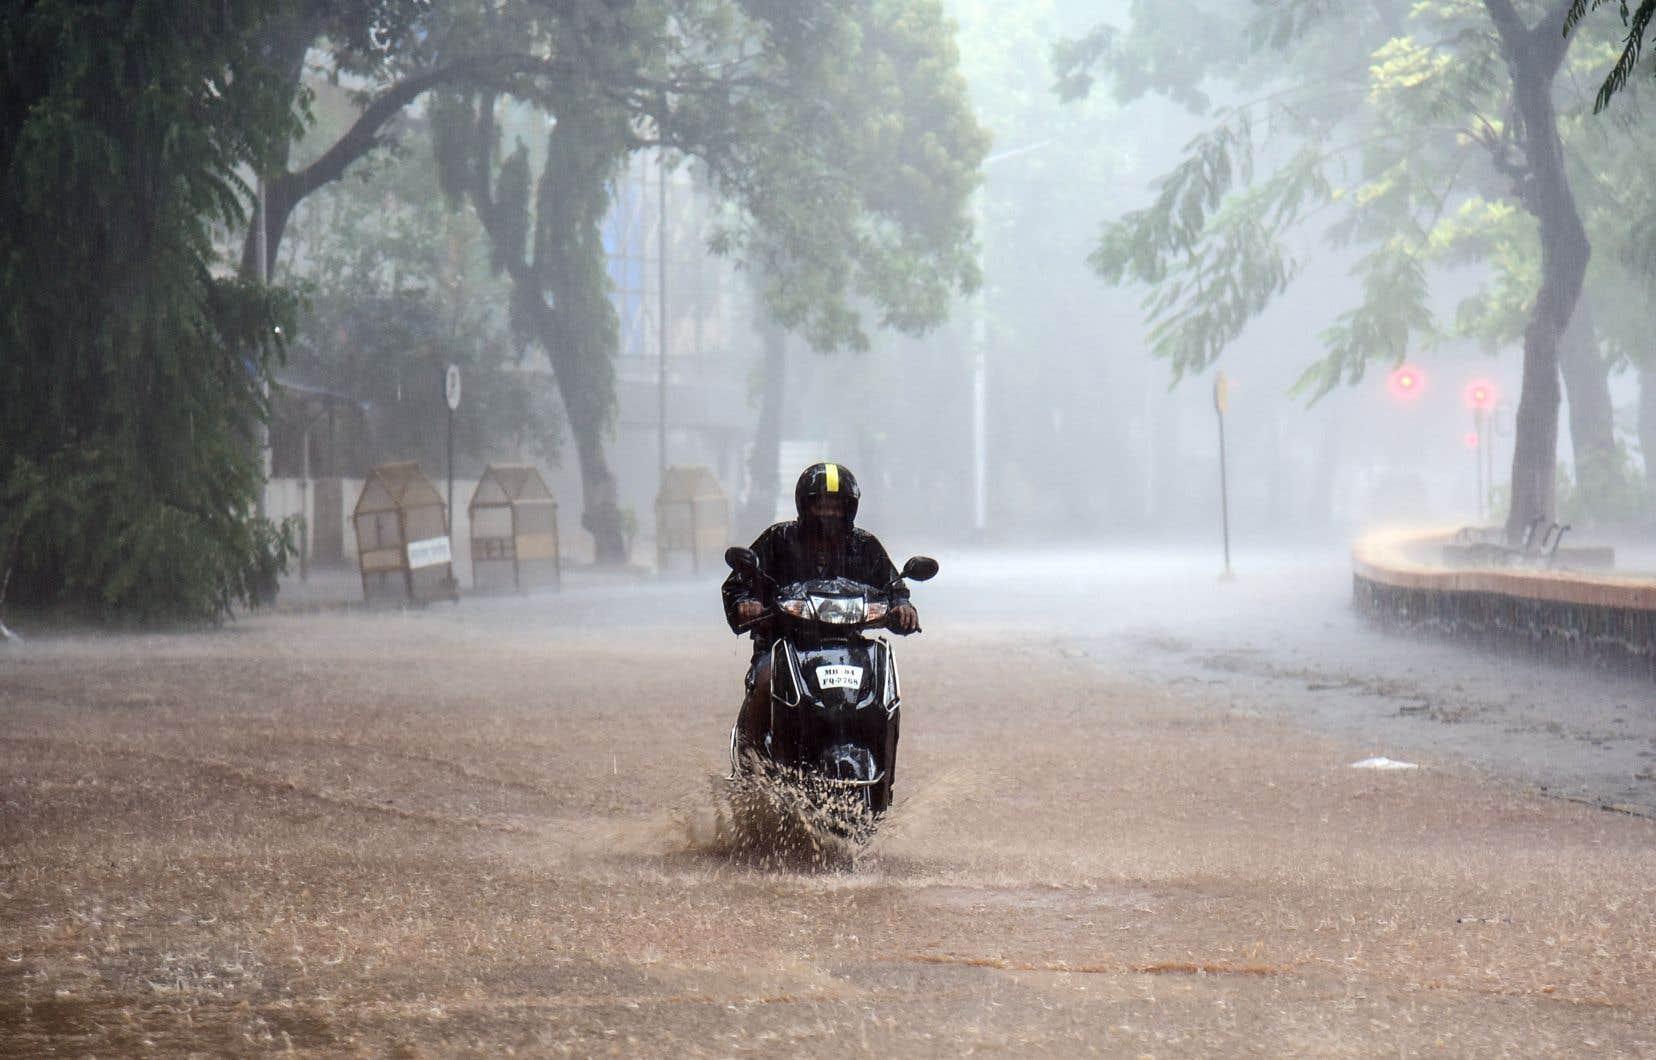 La puissante tempête arrive au moment où l'Inde combat l'une des pires éclosions de coronavirus de la planète.